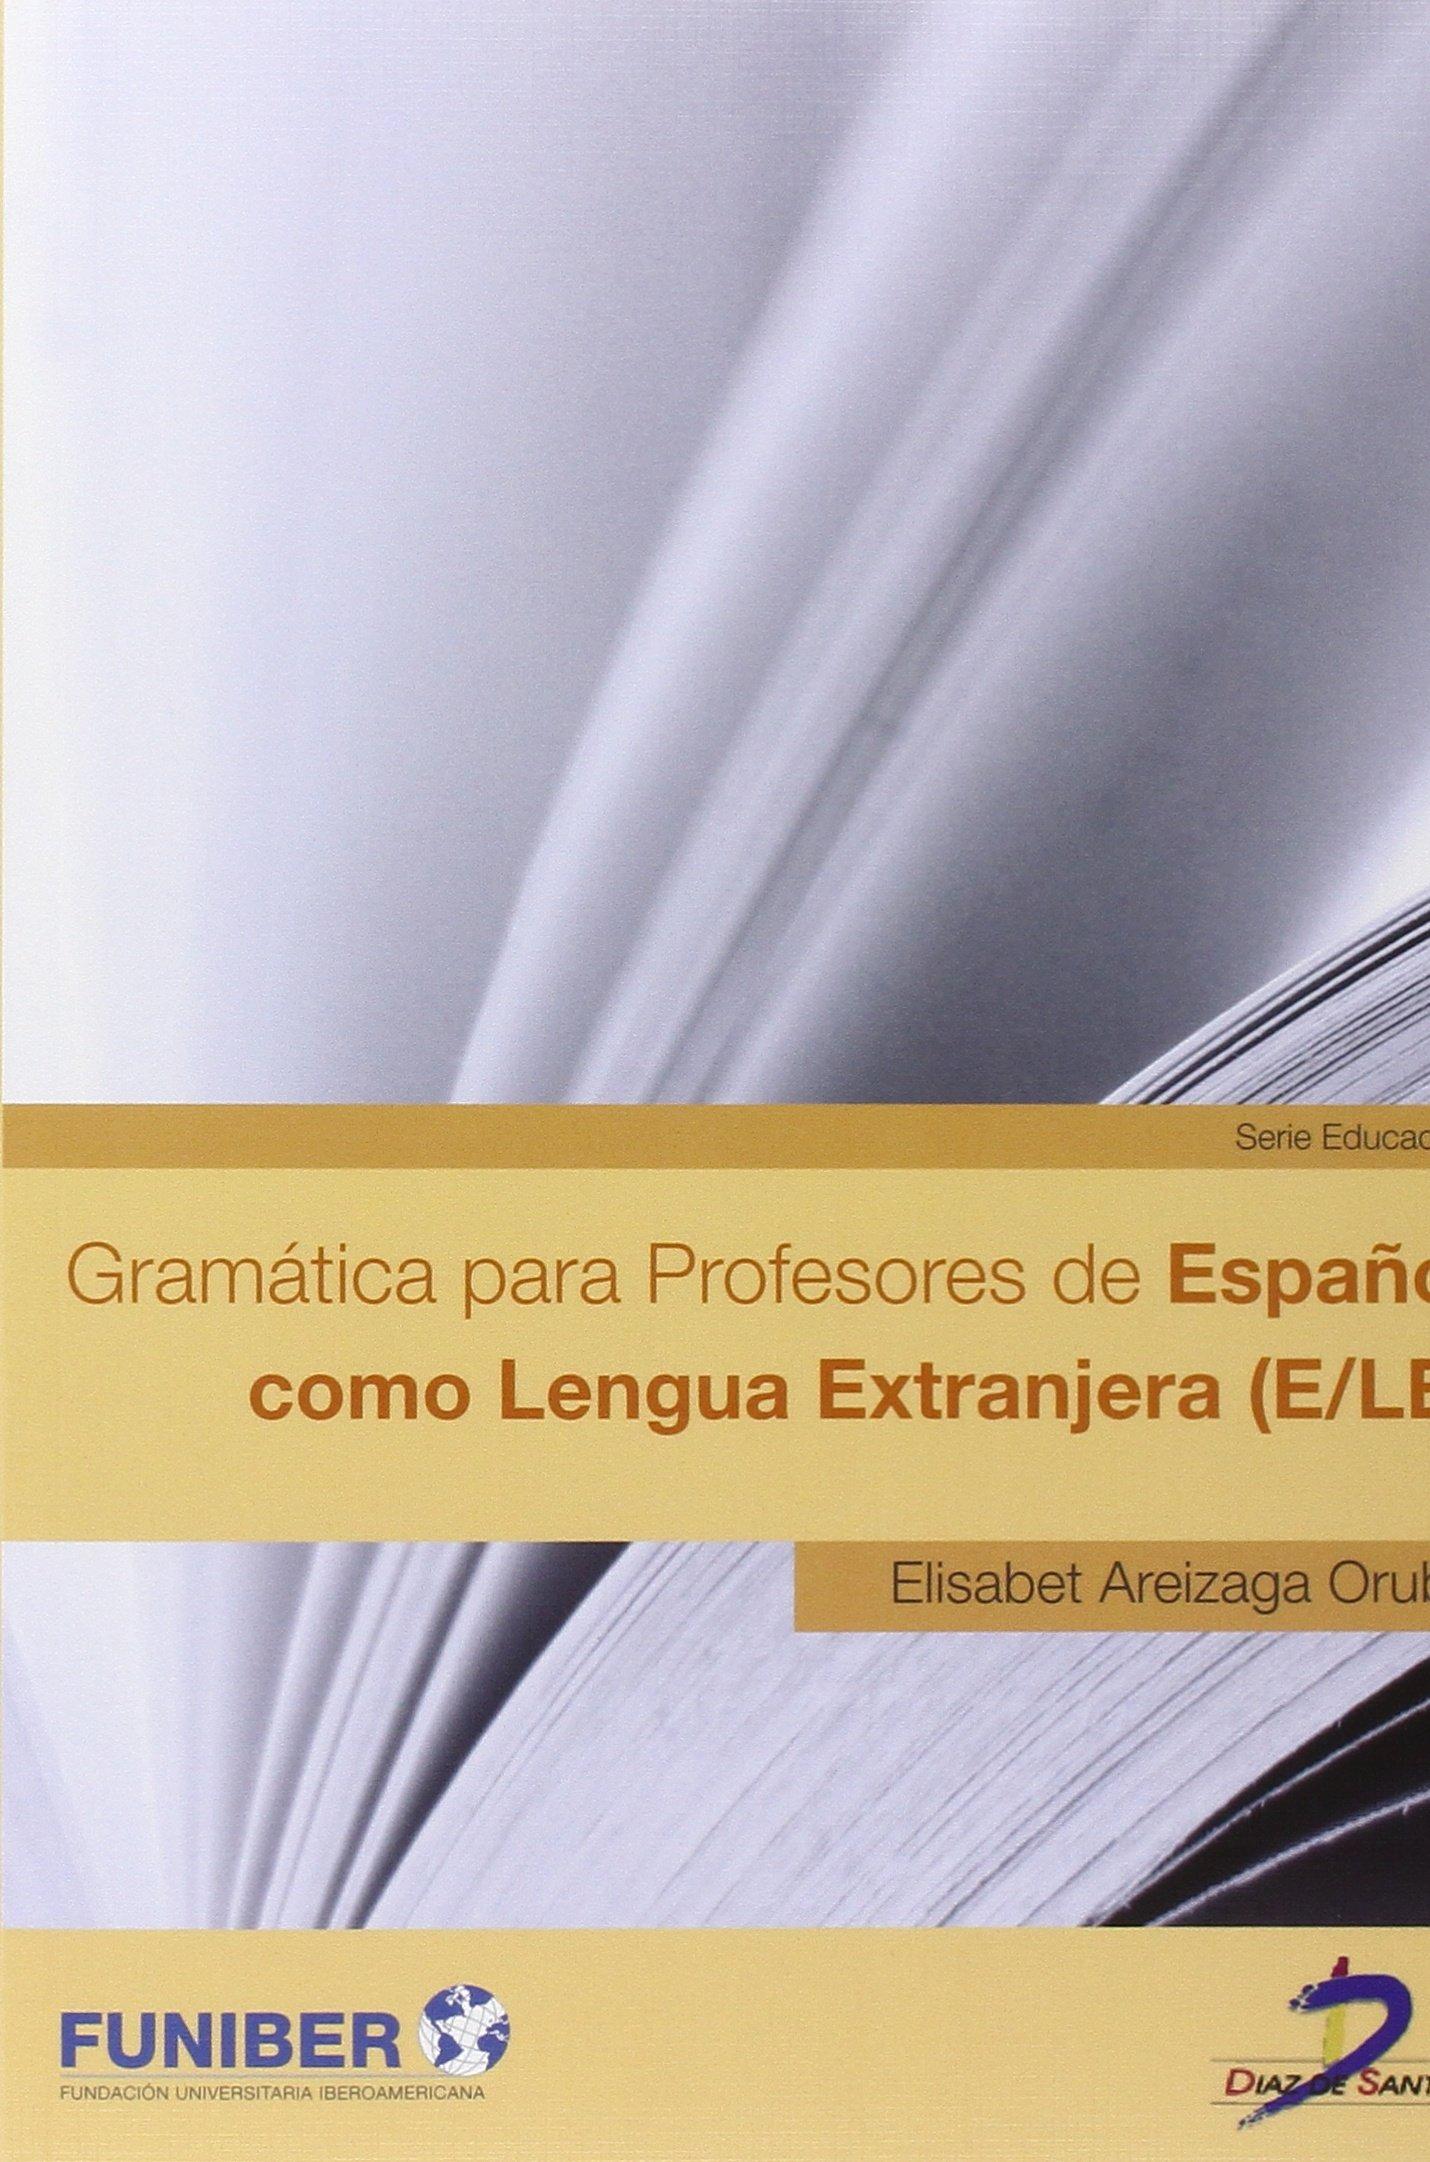 Gramática para Profesores de Español como Lengua Extranjera (E/LE) Tapa blanda – 1 ene 2013 Elisabet Areizaga Orube Ediciones Díaz de Santos S.A. 847978900X